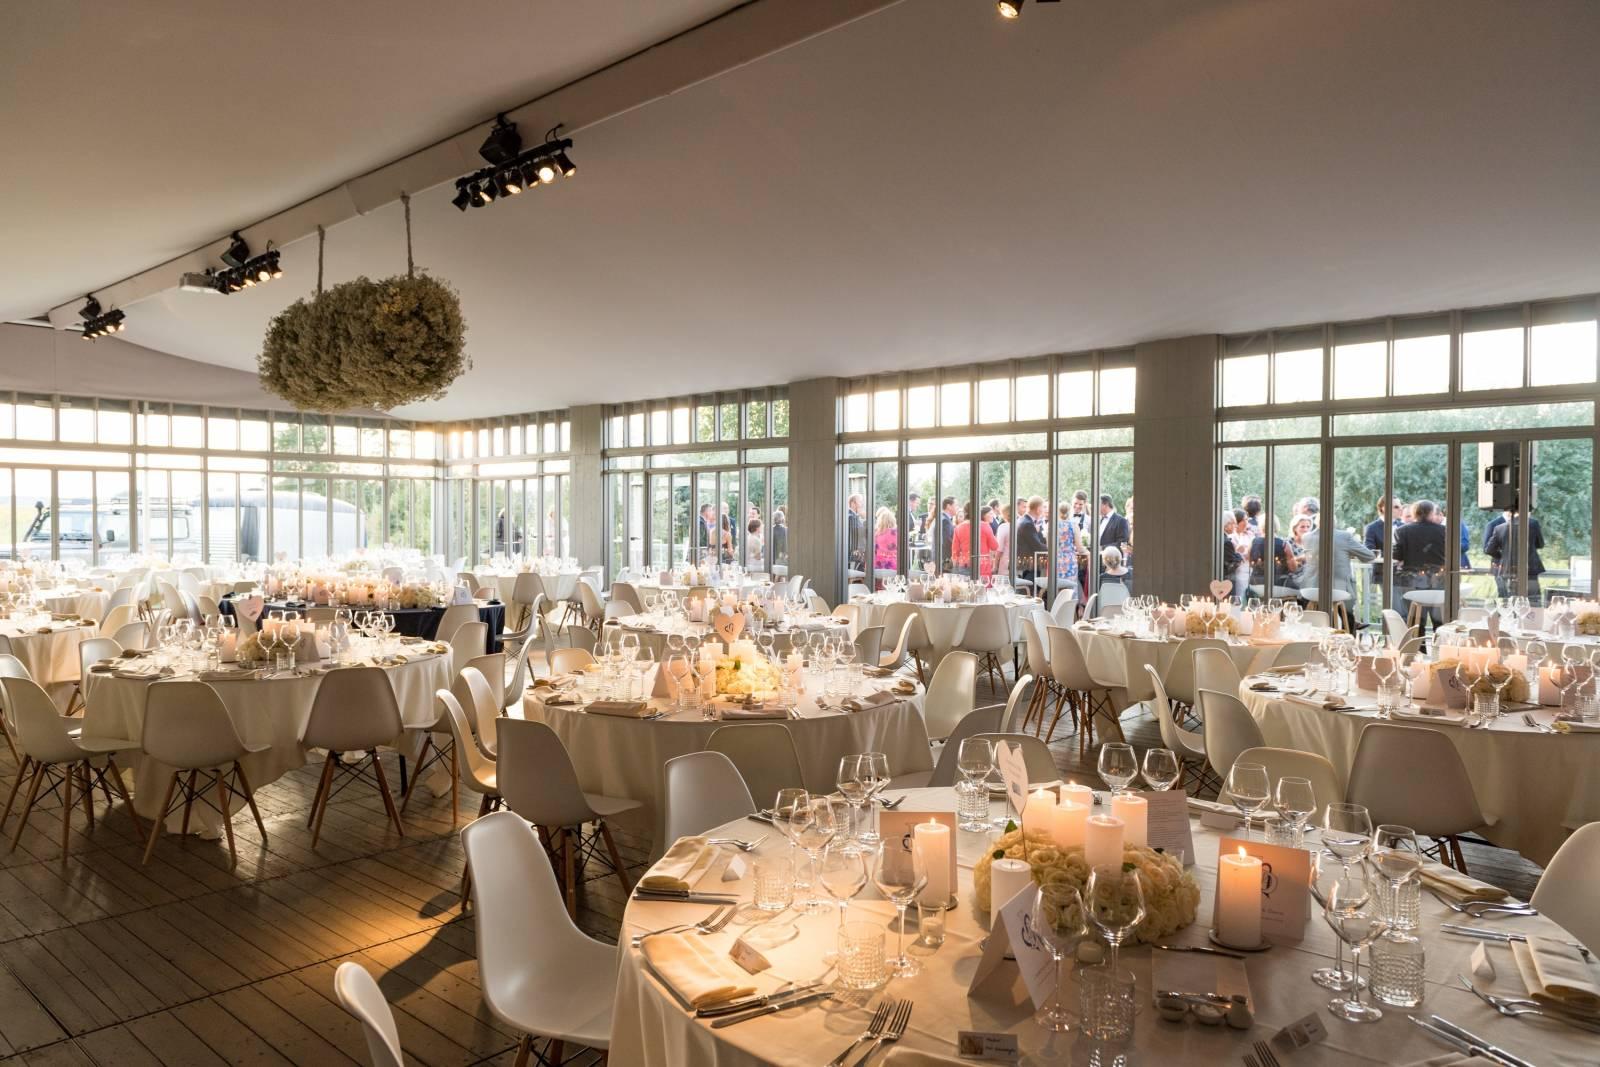 Chou Fleur - Bloemist - Fotograaf Studiovision Fotografie LiesbethDavid - House of Weddings (9) (Aangepast)